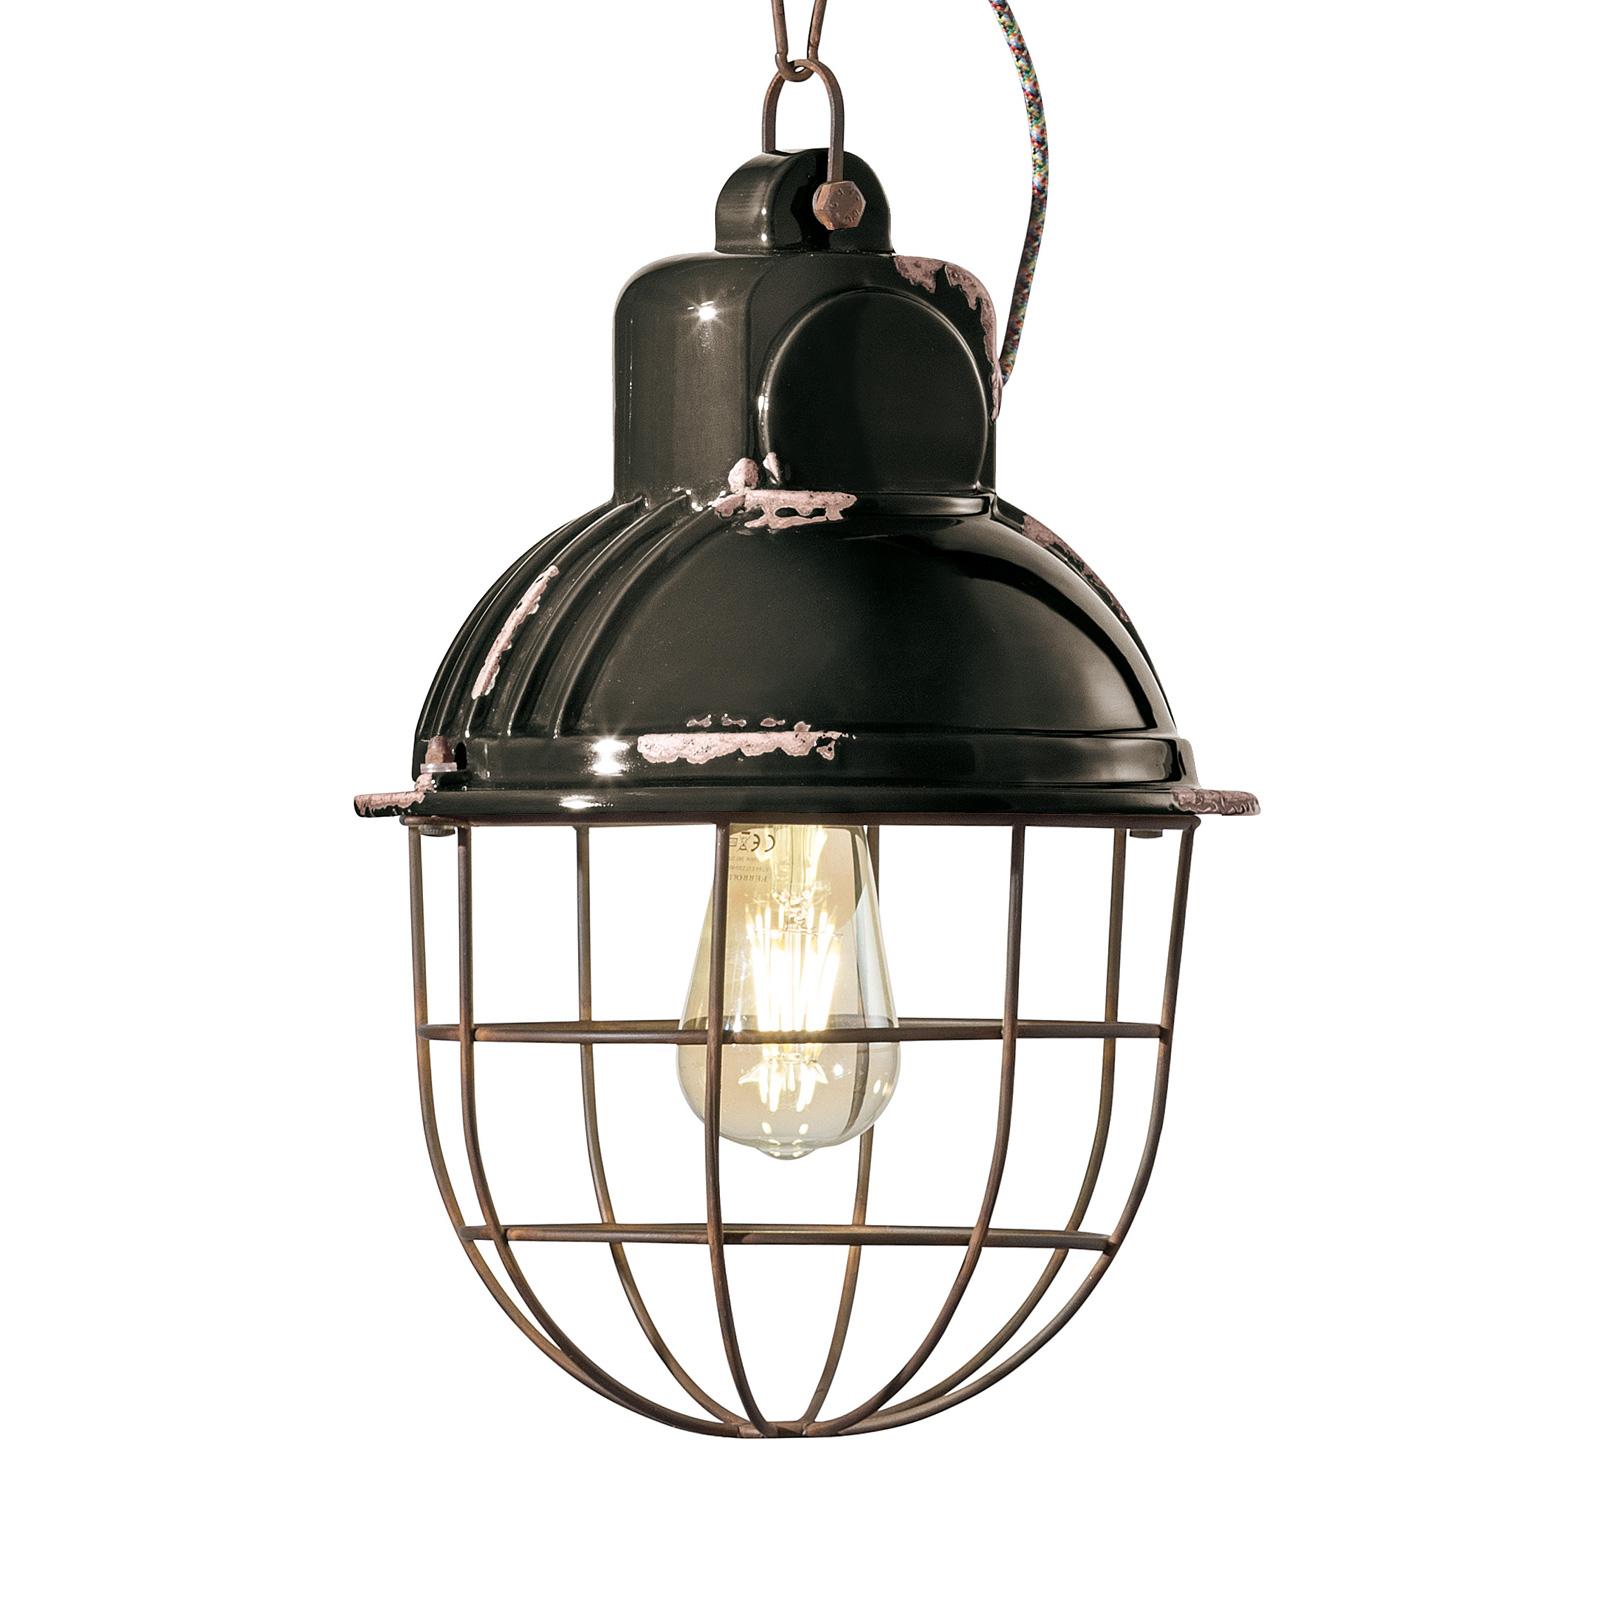 Závěsné světlo C1770 industriální design černá